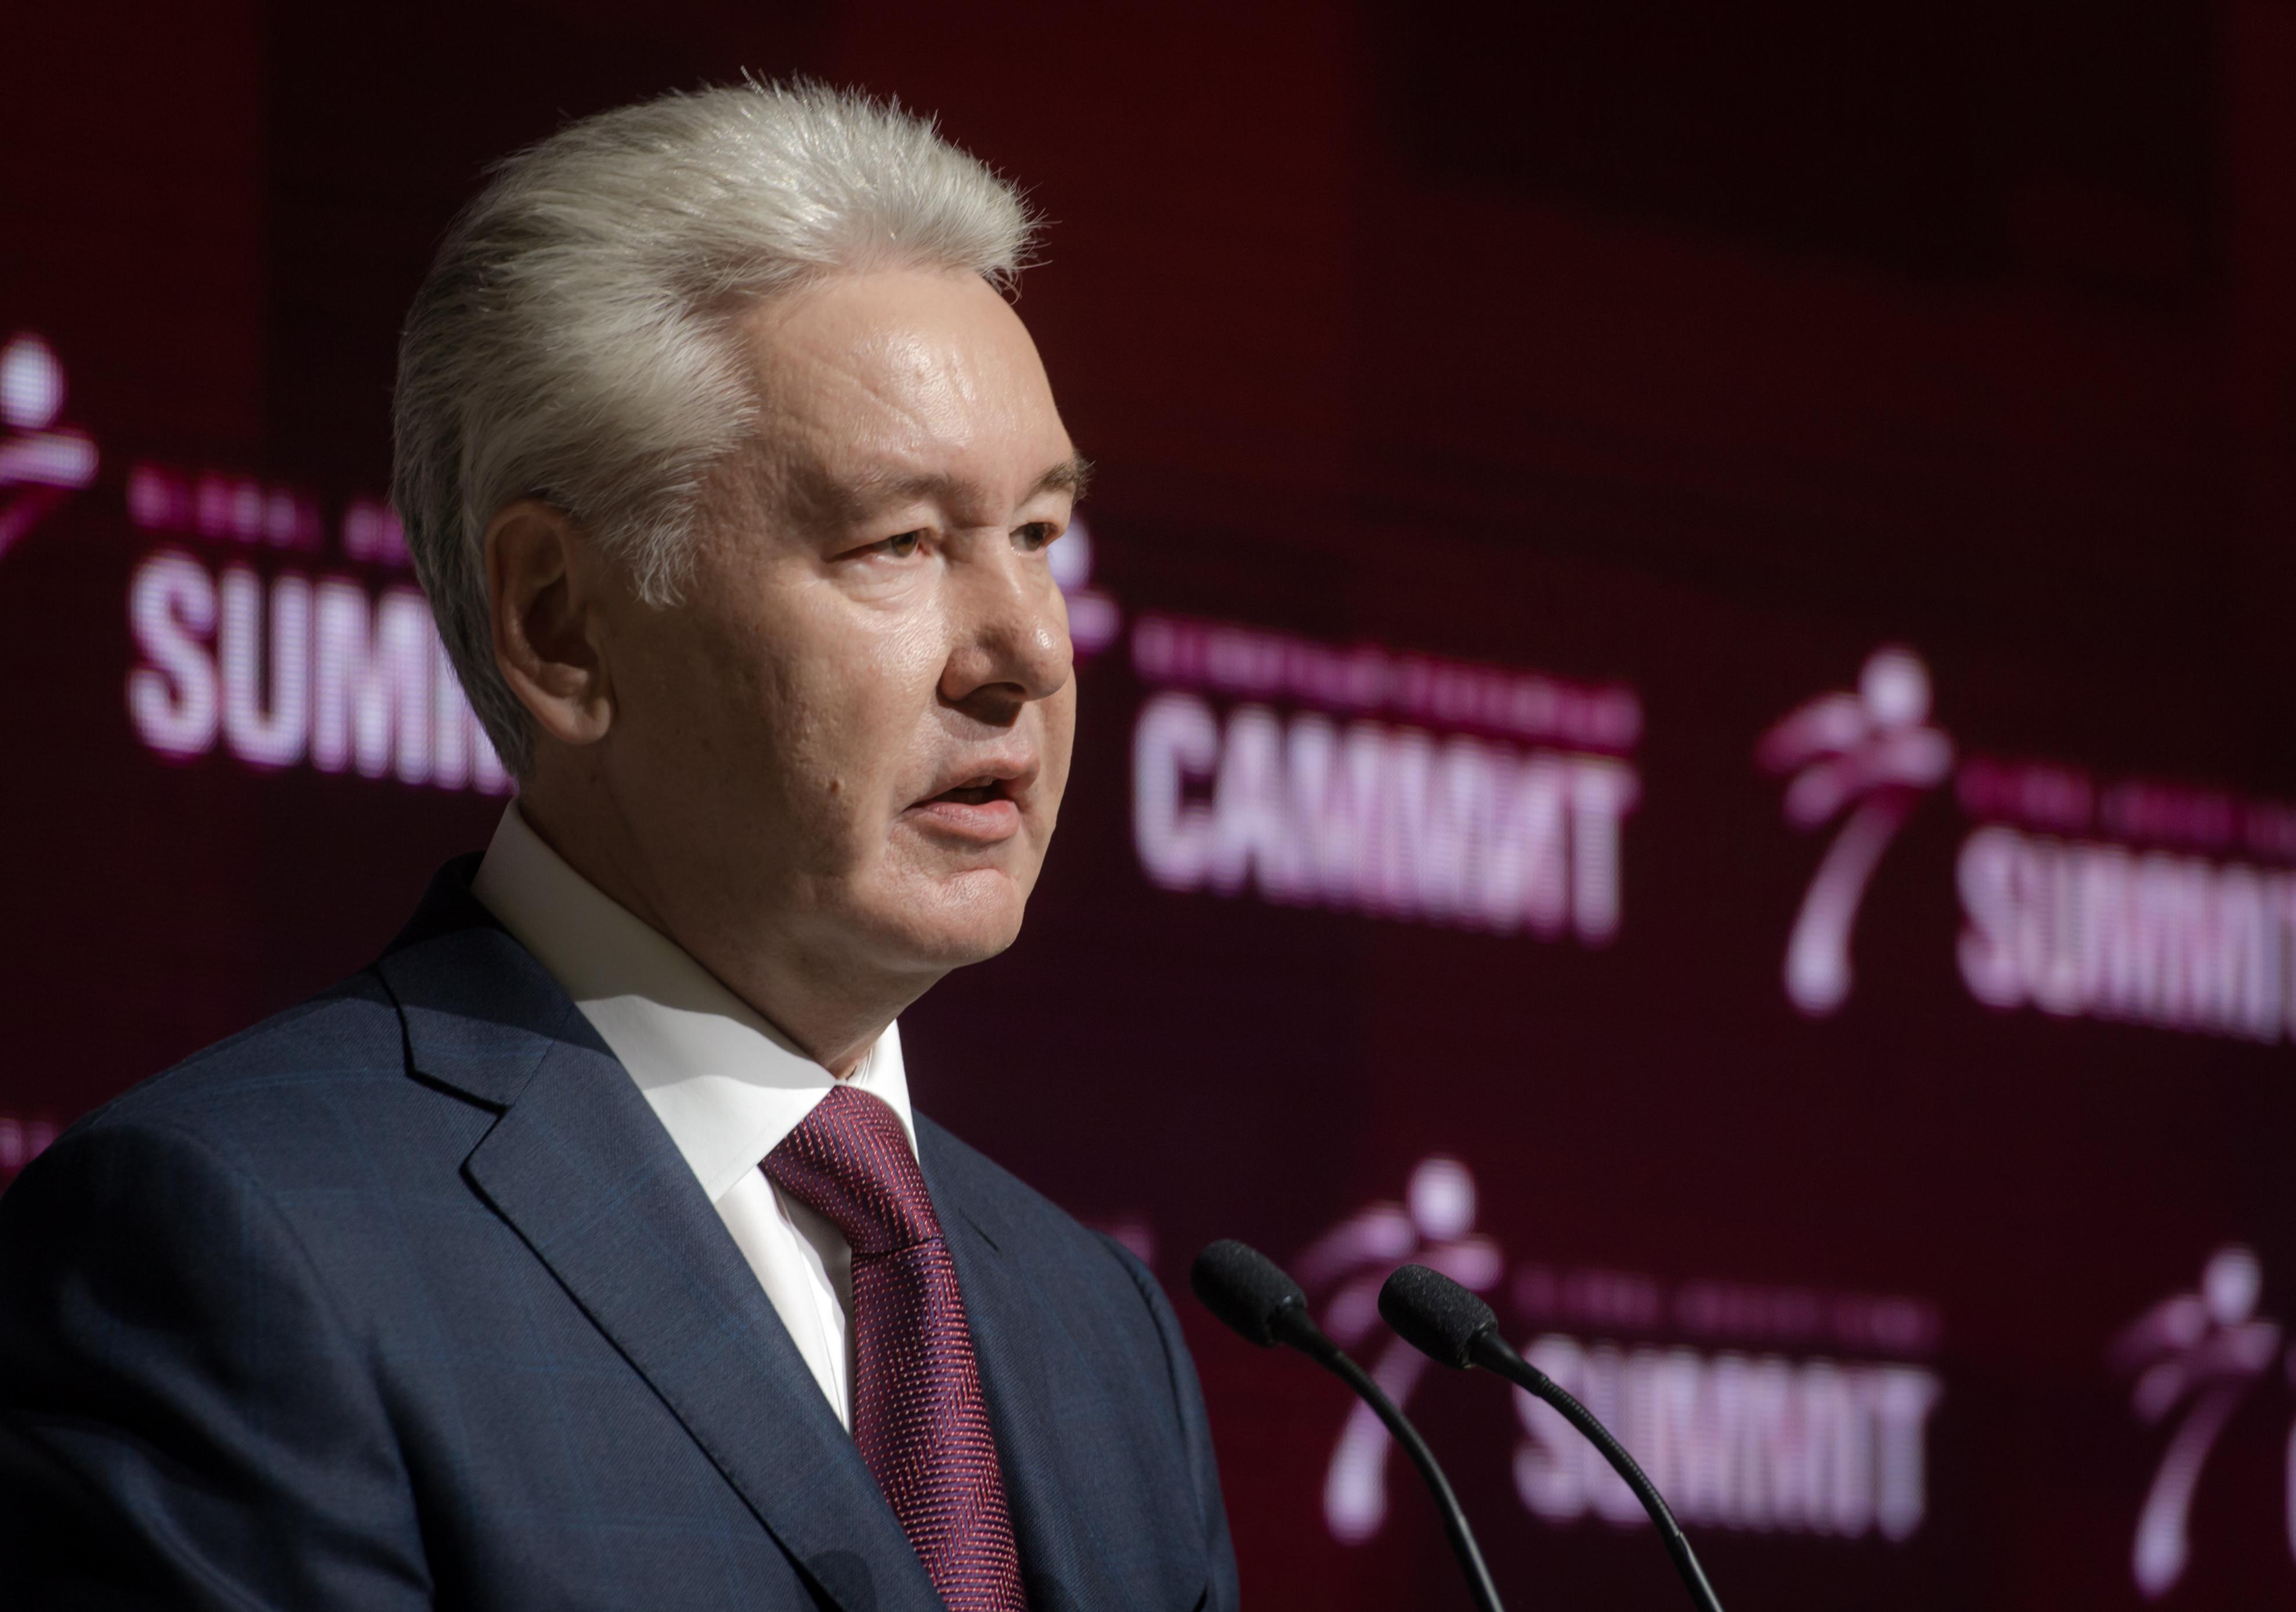 Сергей Собянин на открытии Всемирного рекламного саммита